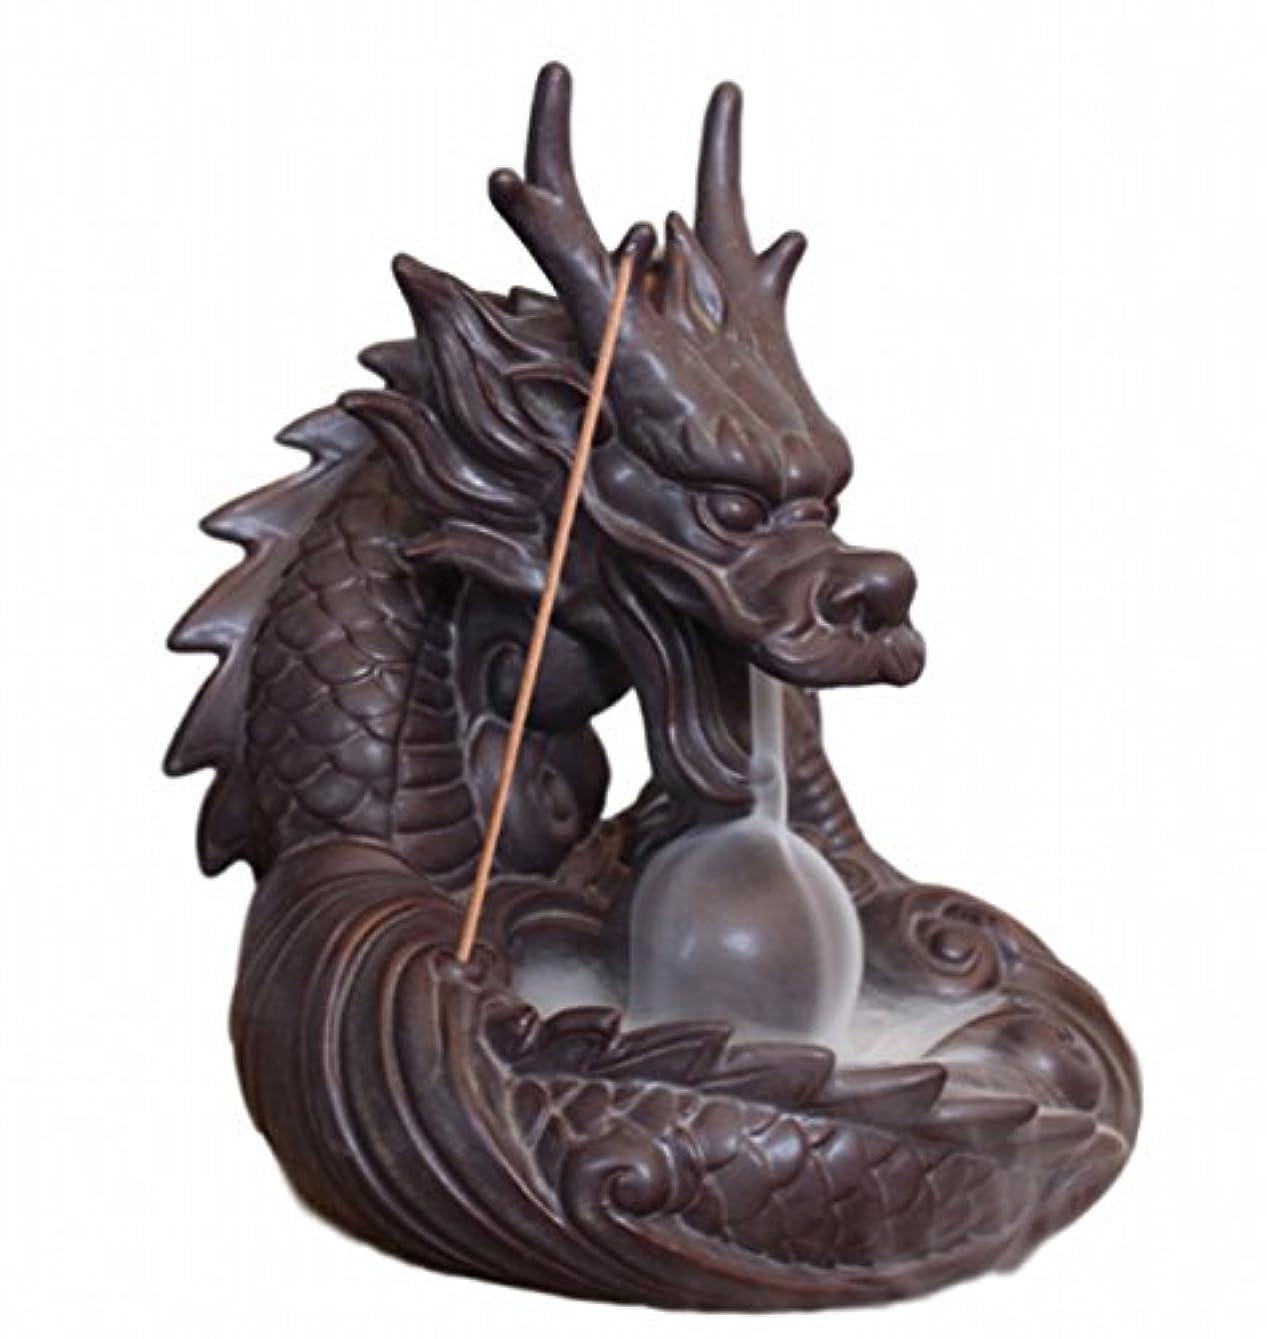 妨げるモバイル委員会【Rurumiマーケット】不思議なお香 倒流香 用 香炉 ドラゴン お試しお香付き 流川香 陶器製 (ドラゴンB)